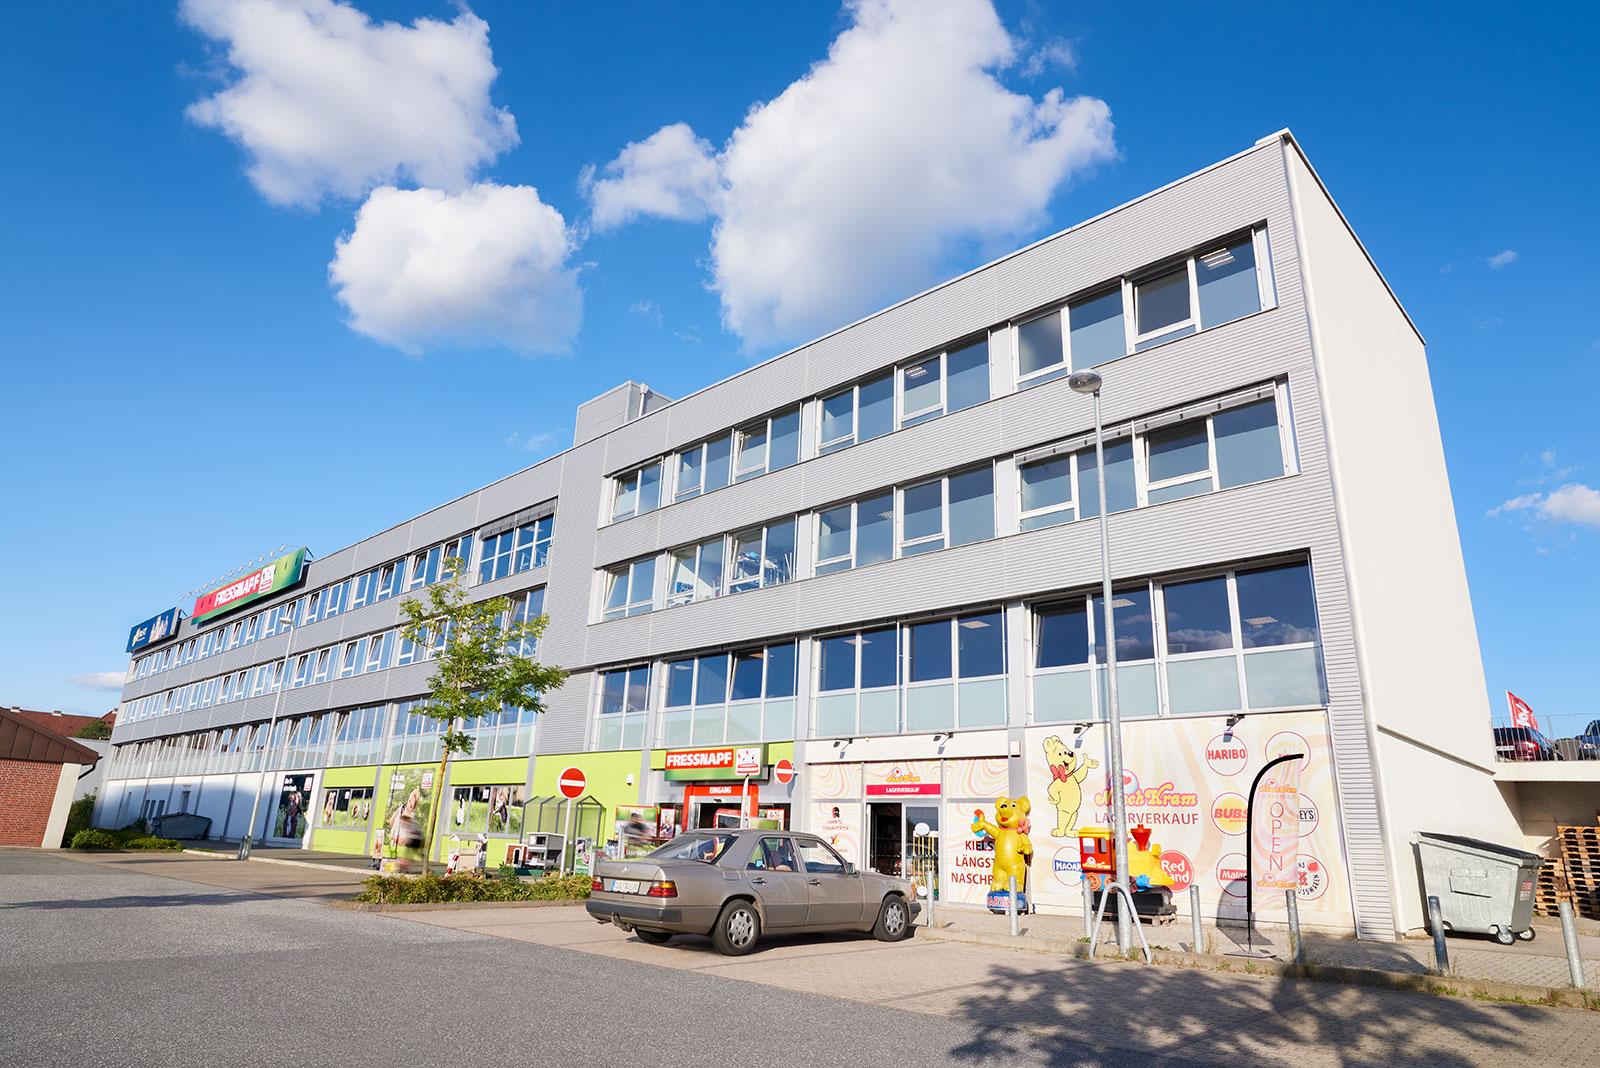 Immobilie in Kiel (Gaarden-süd): Fitness Studio, Gastronomie, Groß- und Einzelhandel, Einzelhandel für Tiernahrung und –zubehör.